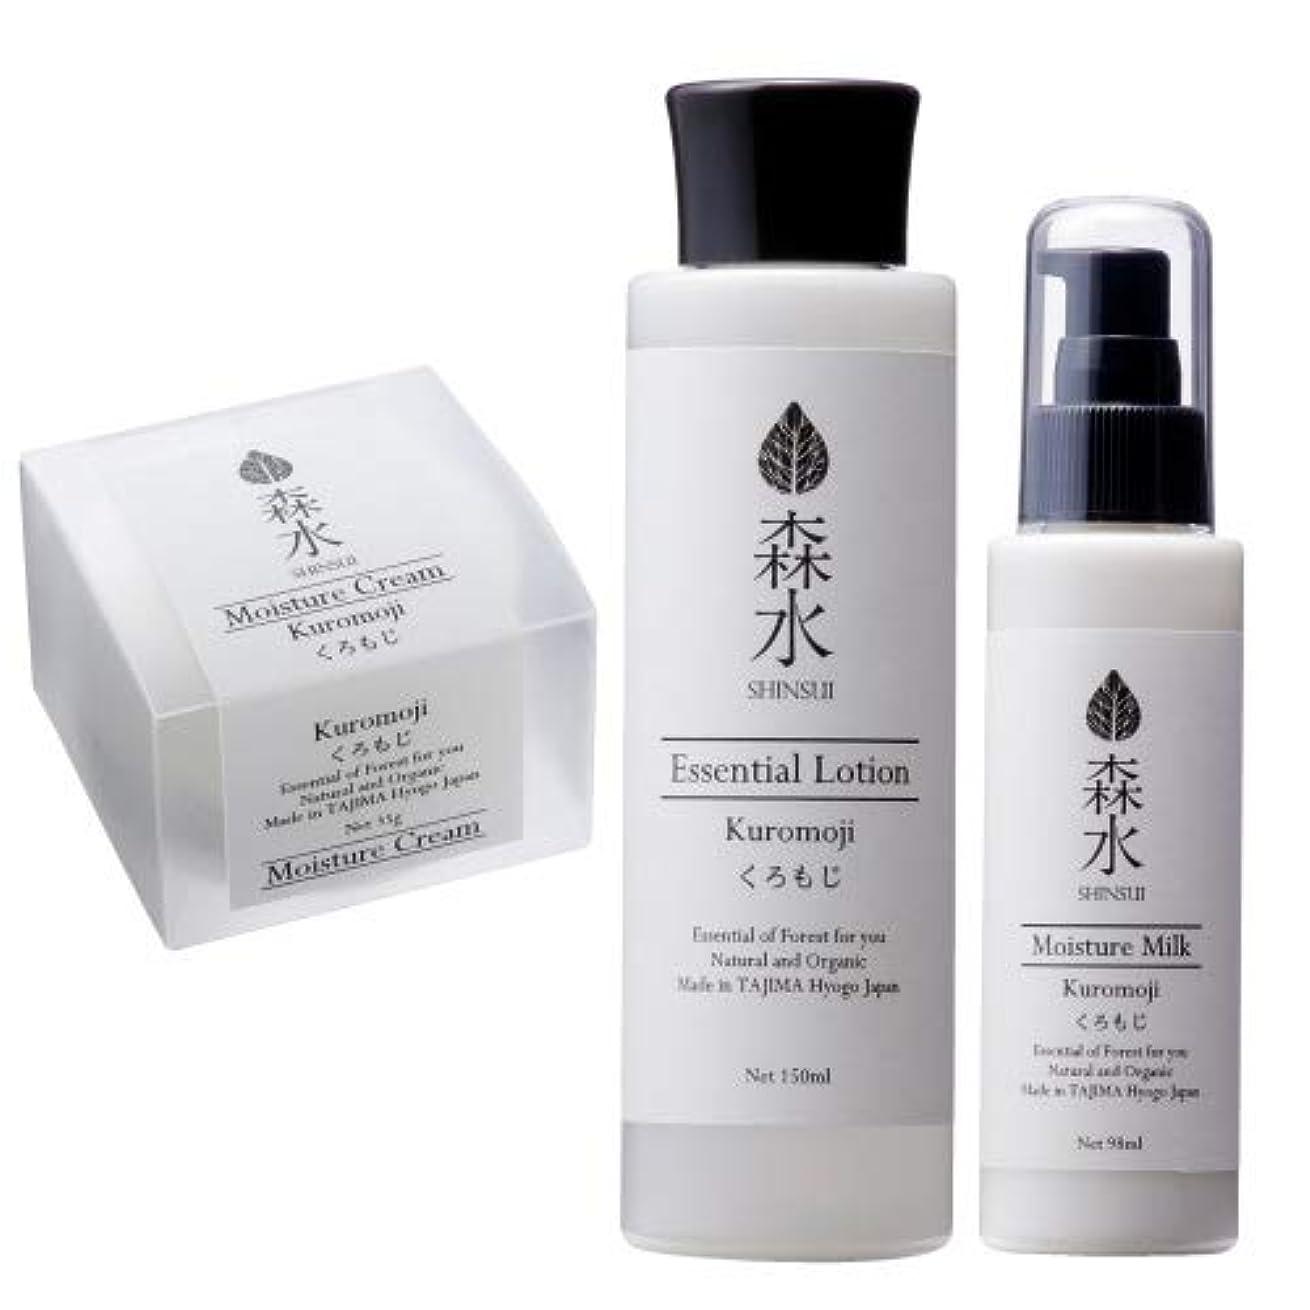 風変わりな創始者効率的に森水-SHINSUI シンスイ-くろもじクリーム35g、乳液98ml、化粧水150ml Set